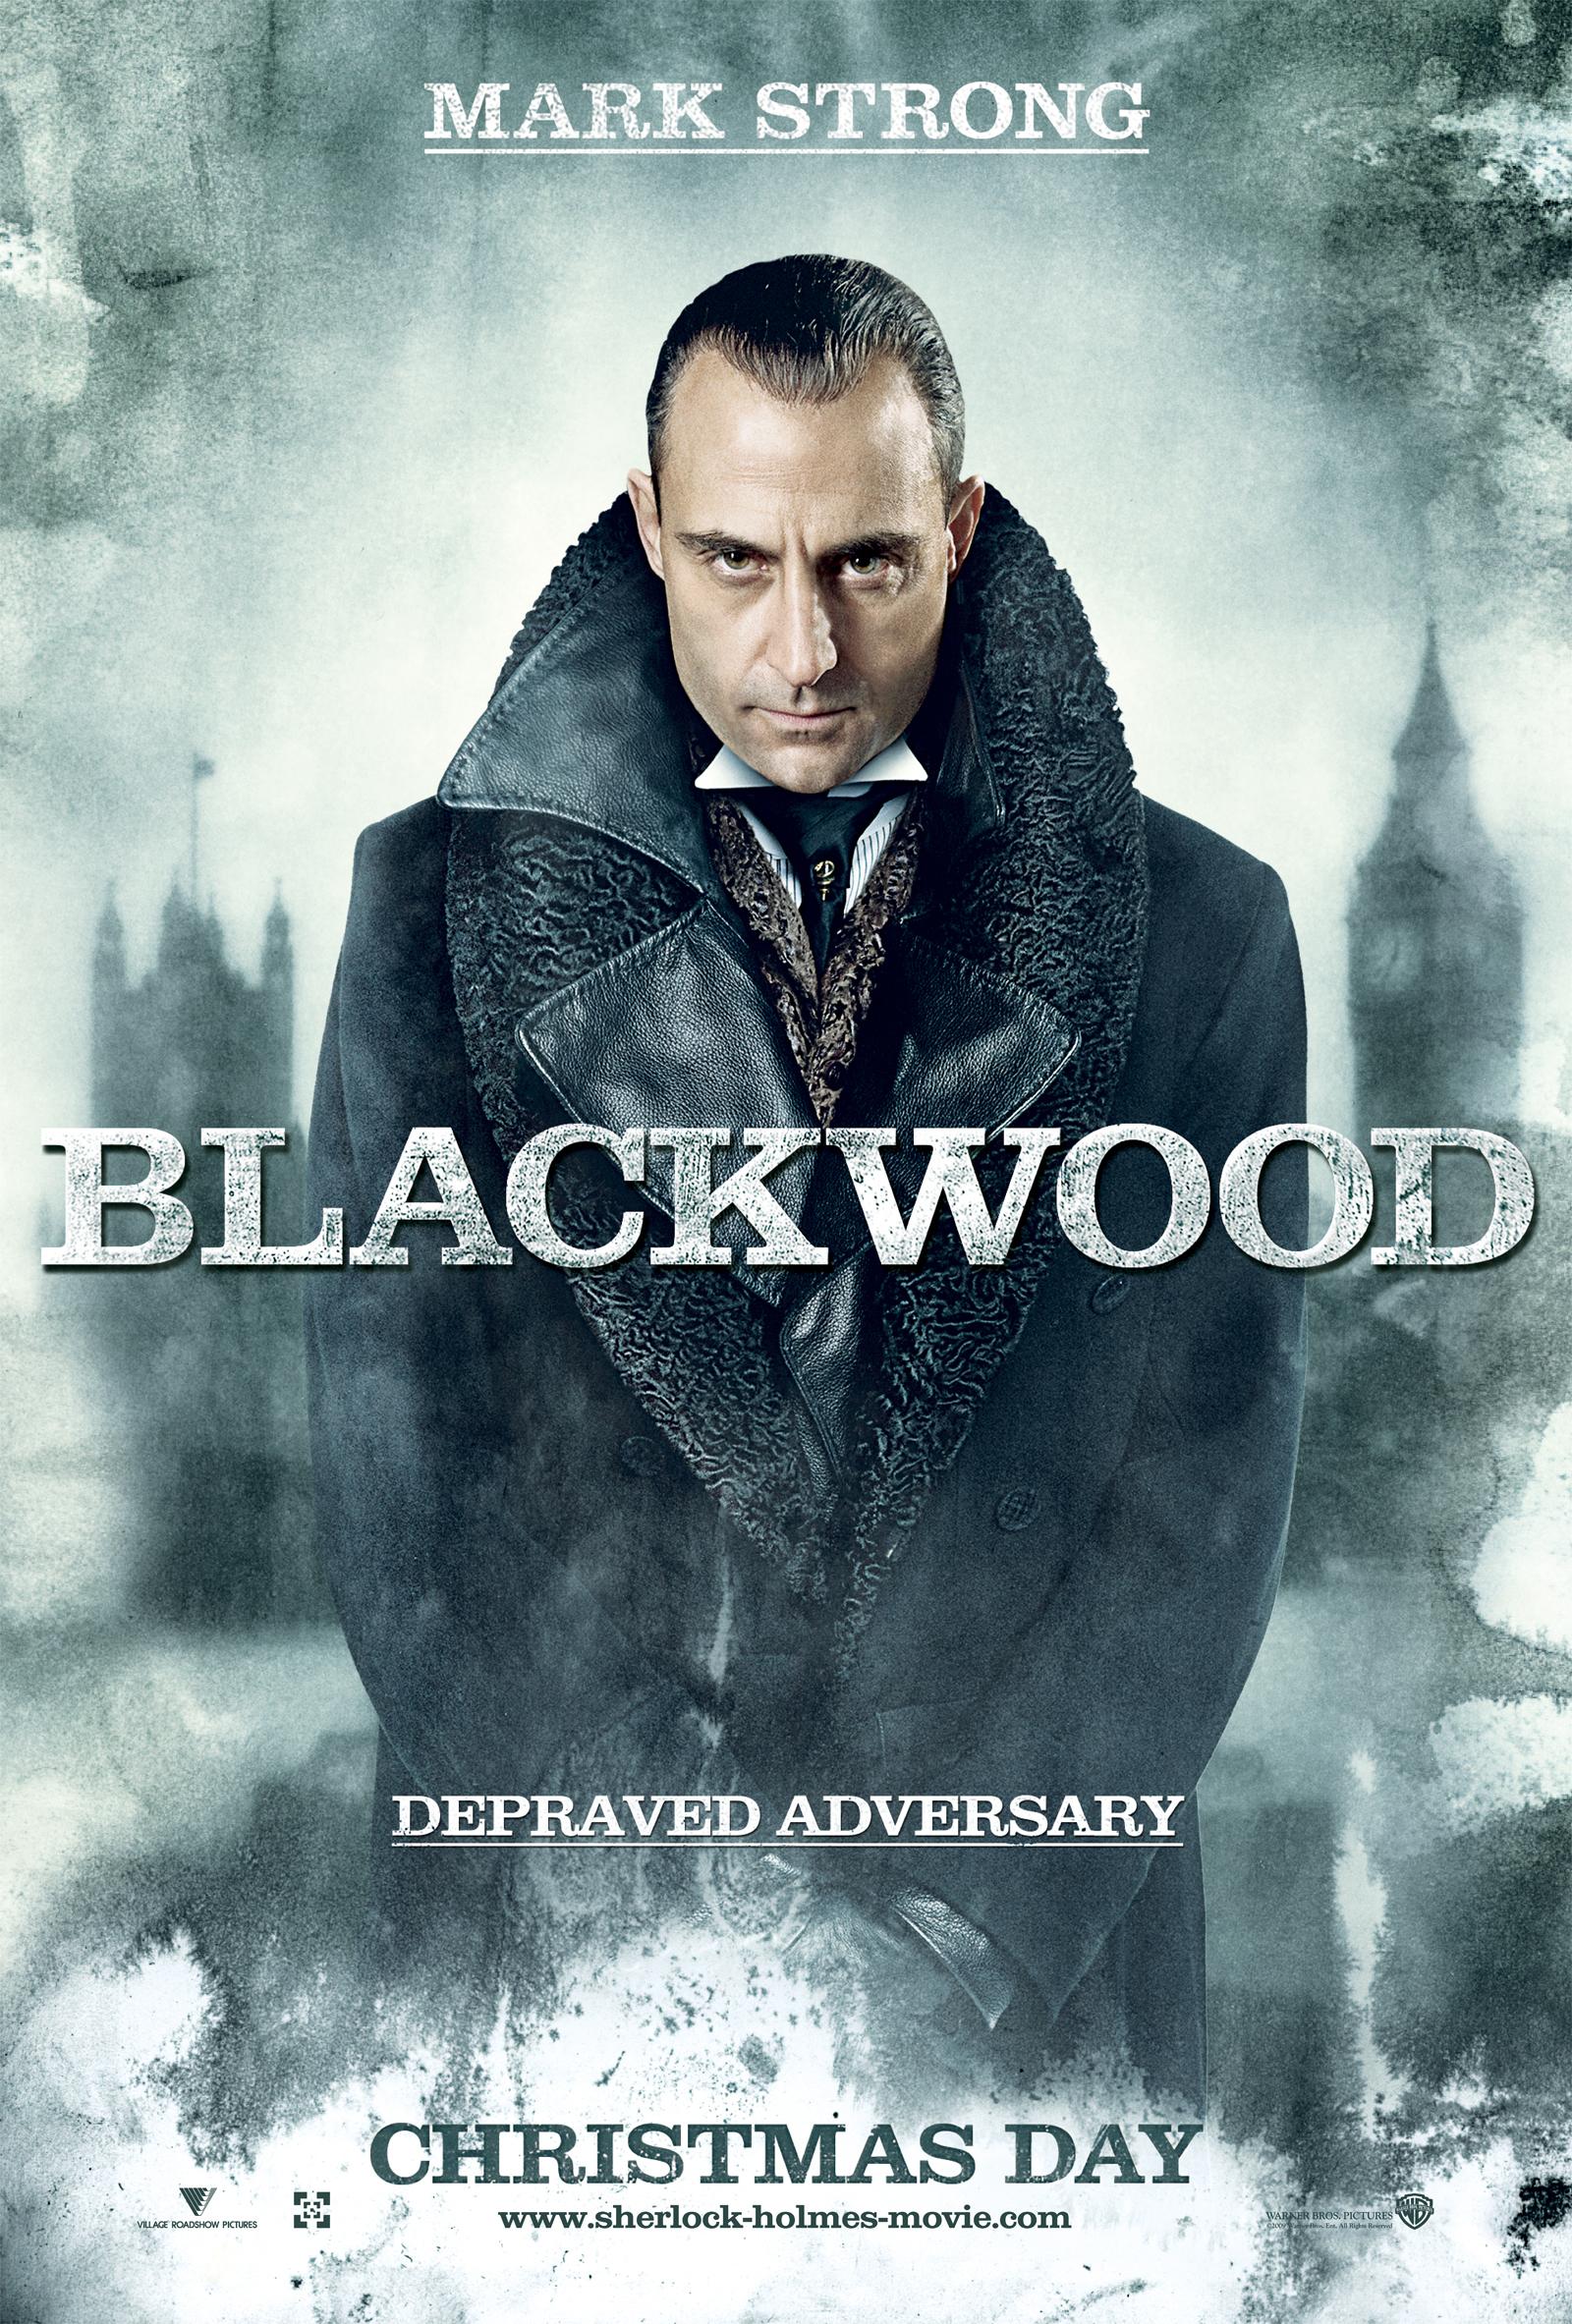 Lord Blackwood